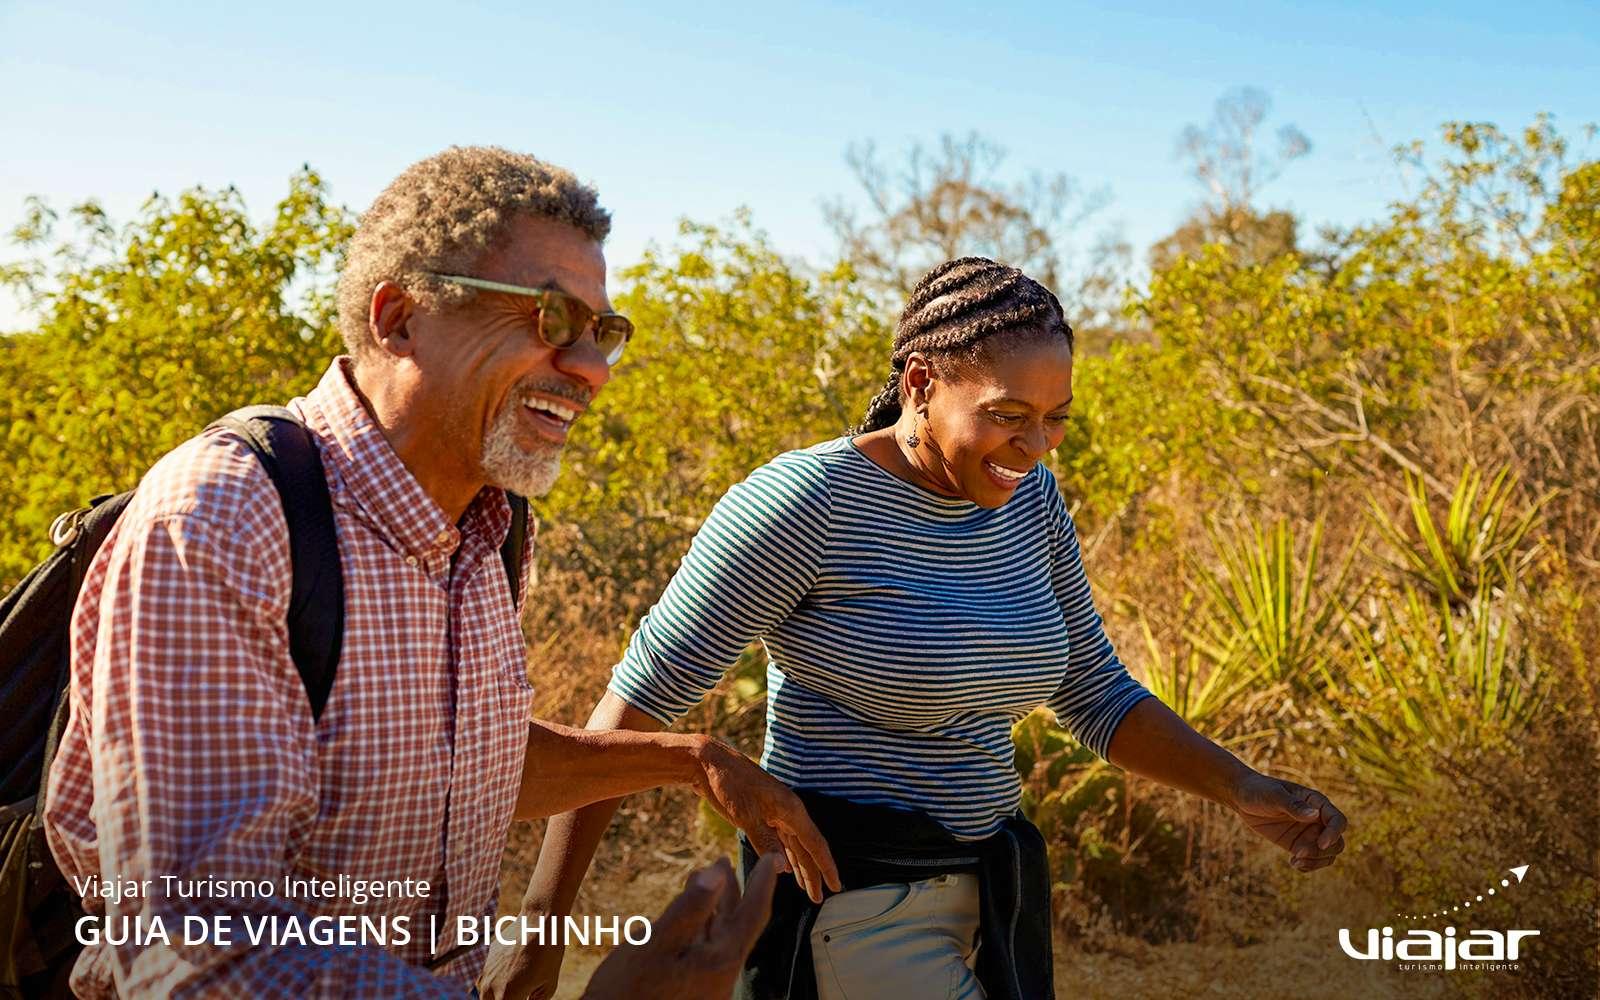 viajar-turismo-inteligente-guia-viagens-bichinho-minas-gerais-06